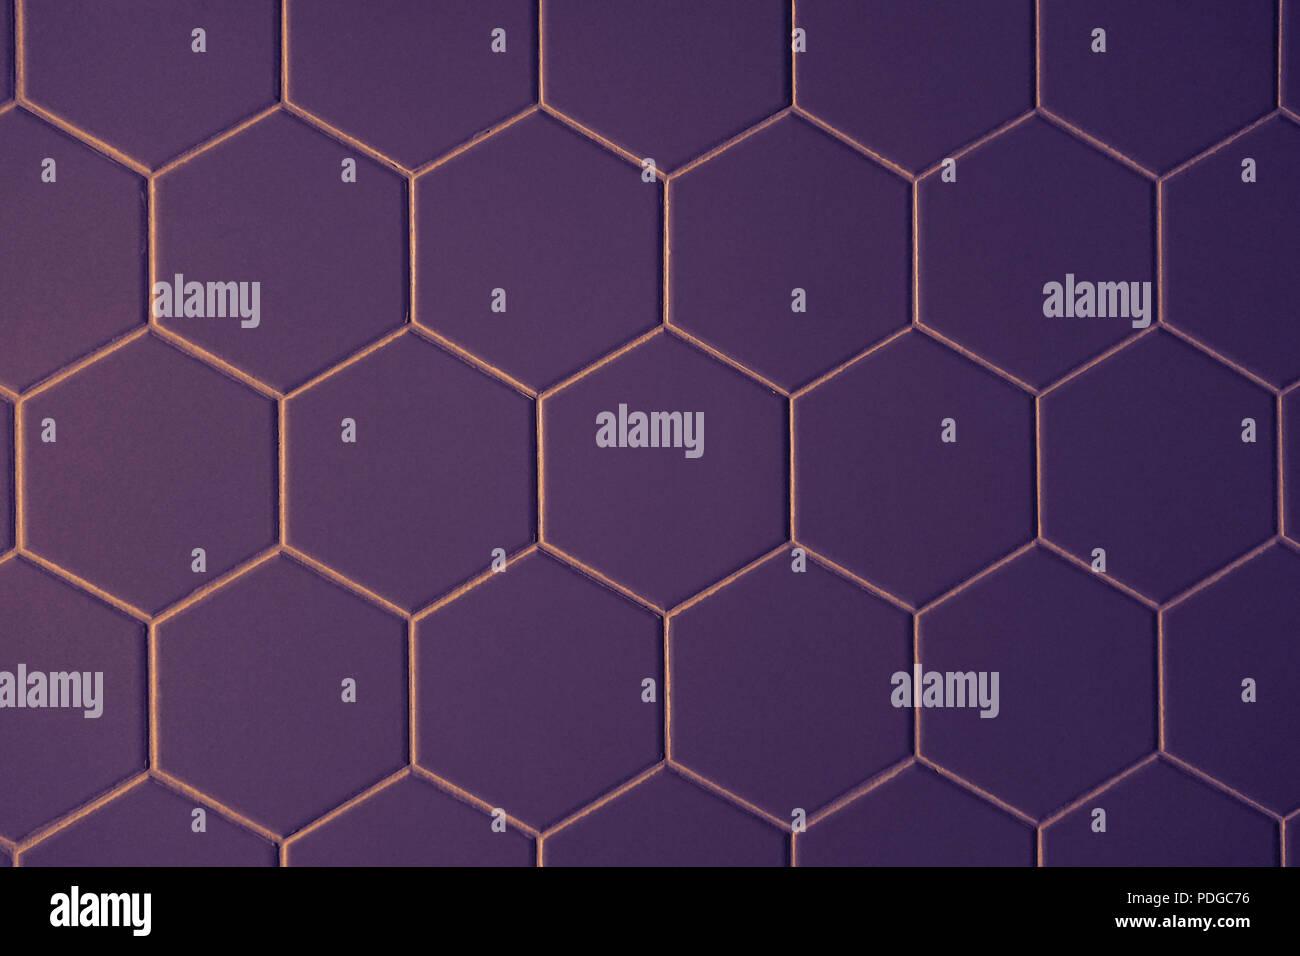 Abstract la texture della piastrella motivo esagonale ultravioletto